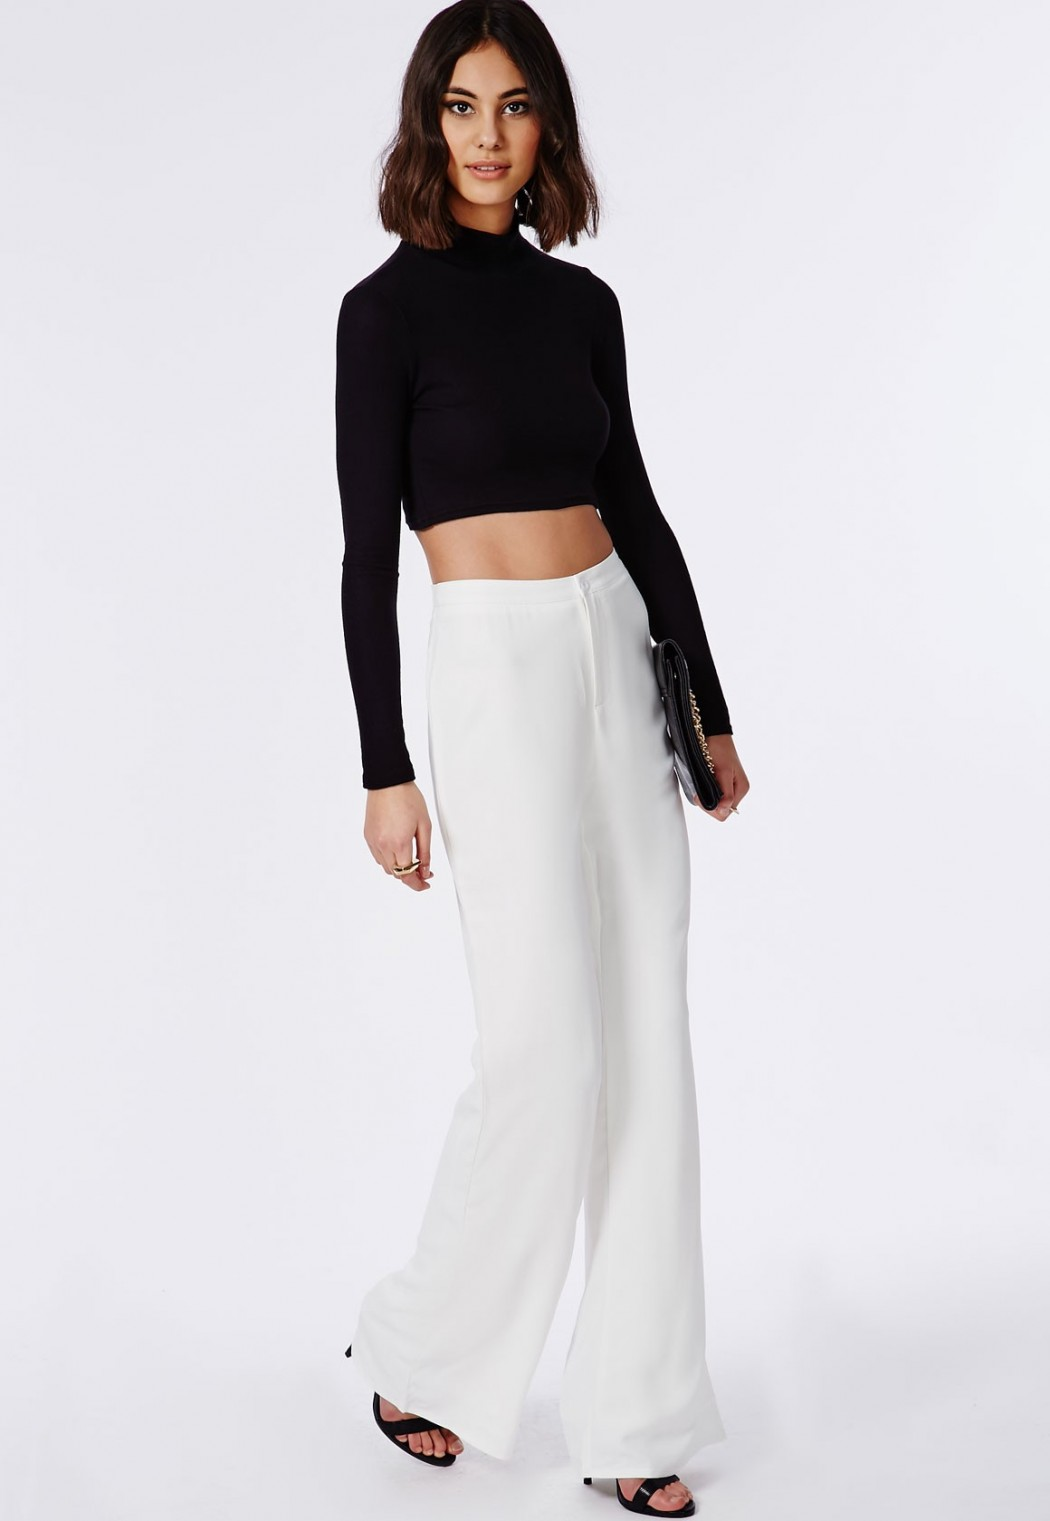 pantalon large femme menue ou ronde vous pouvez le porter. Black Bedroom Furniture Sets. Home Design Ideas